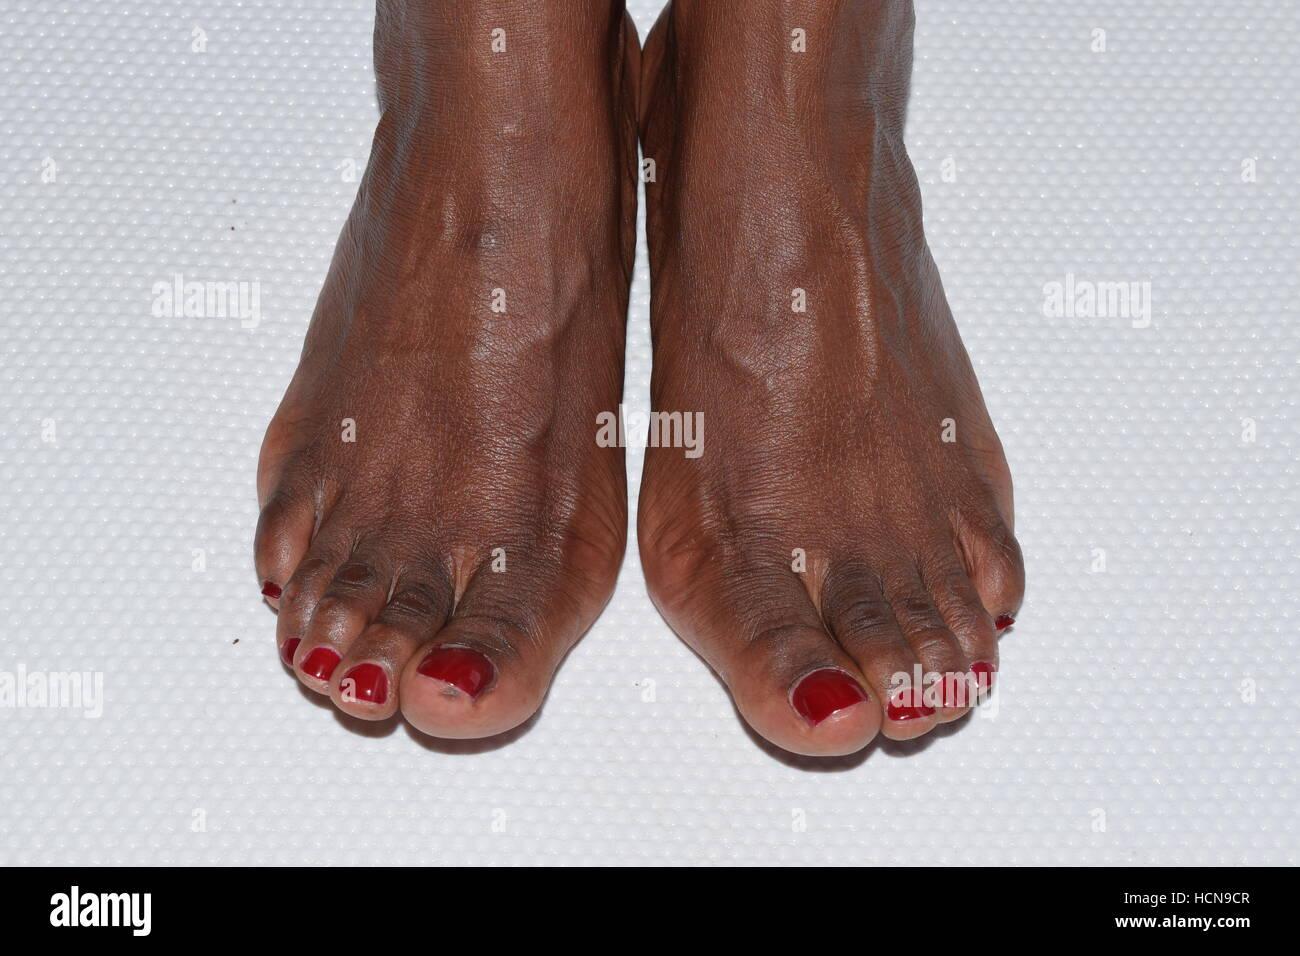 Ebony men feet